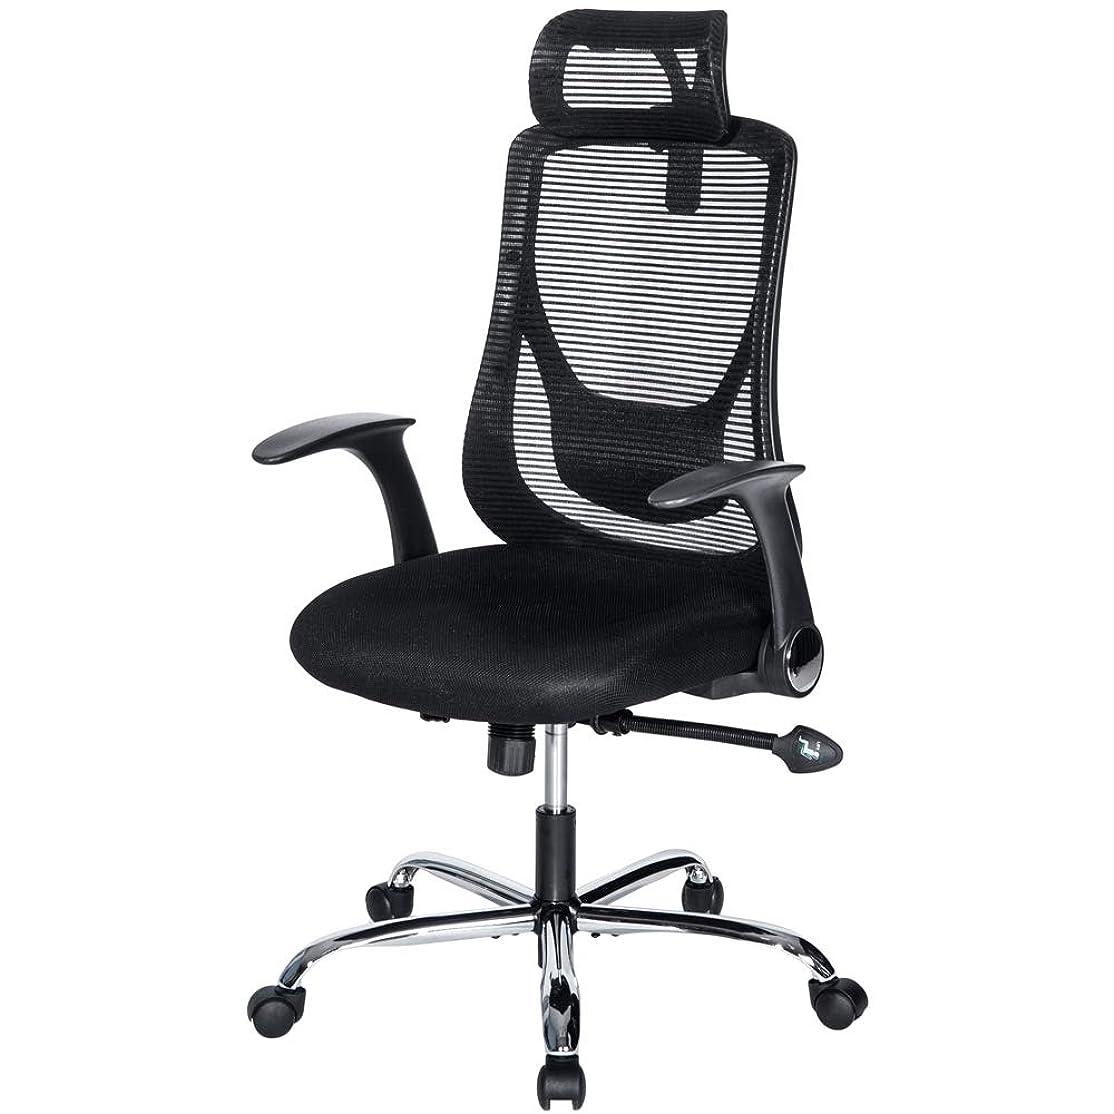 投資するむき出し投獄(OSJ)オフィスチェア パソコンチェア 145度 ロッキング固定機能 腰サポートクッション (ブラック)可動肘 静音PUキャスター